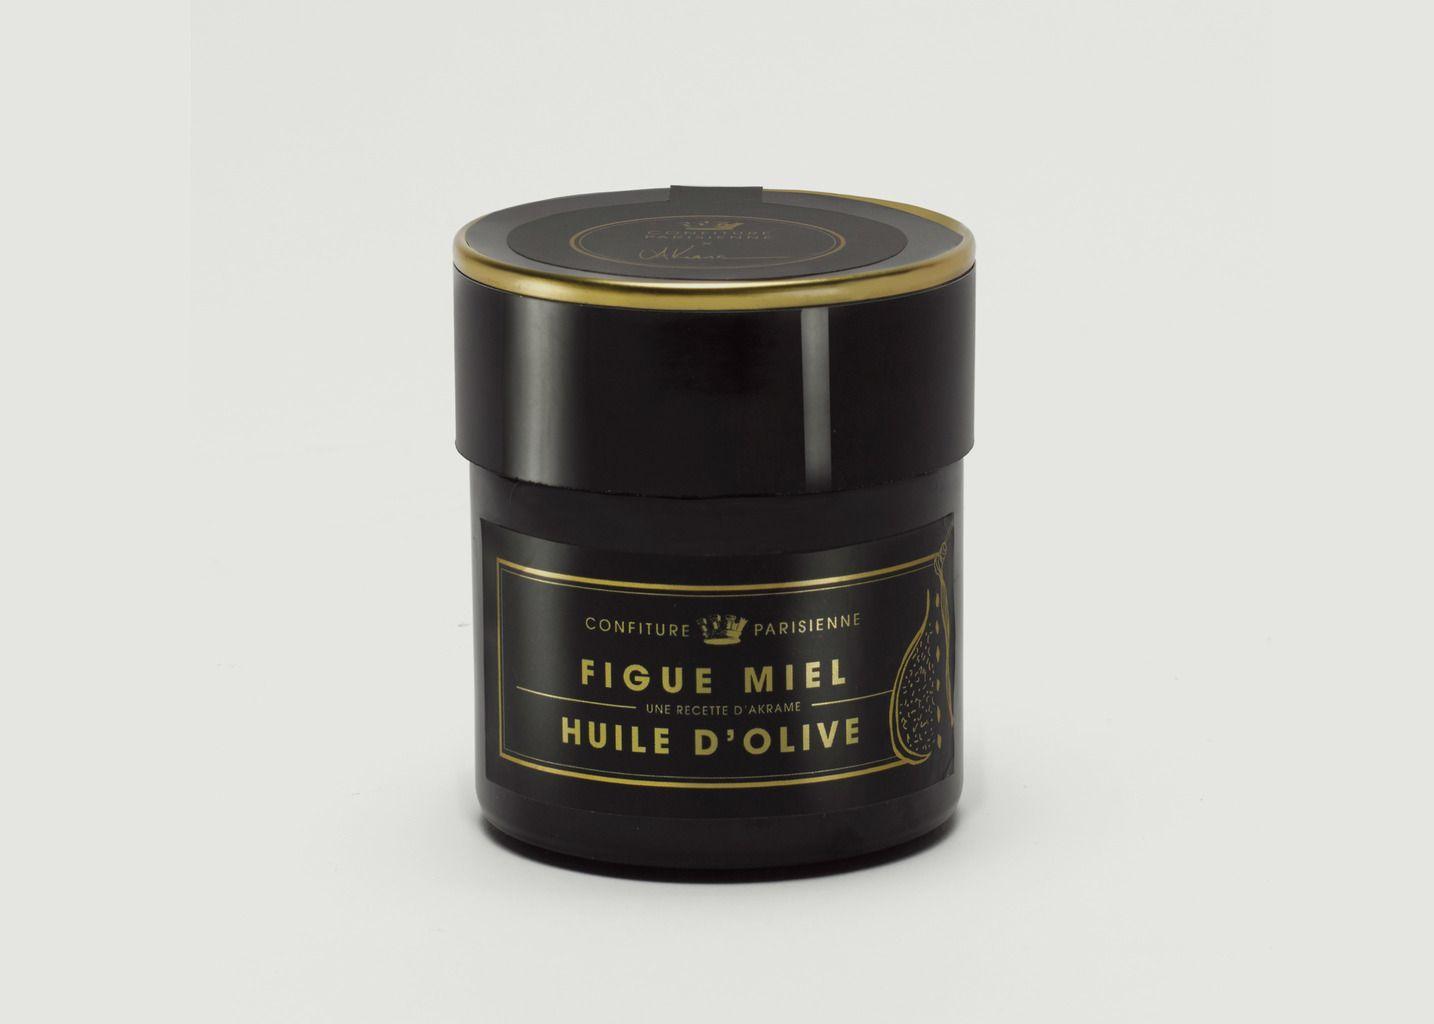 Confiture Figue, Miel, Huile d'Olive 250g - Confiture Parisienne